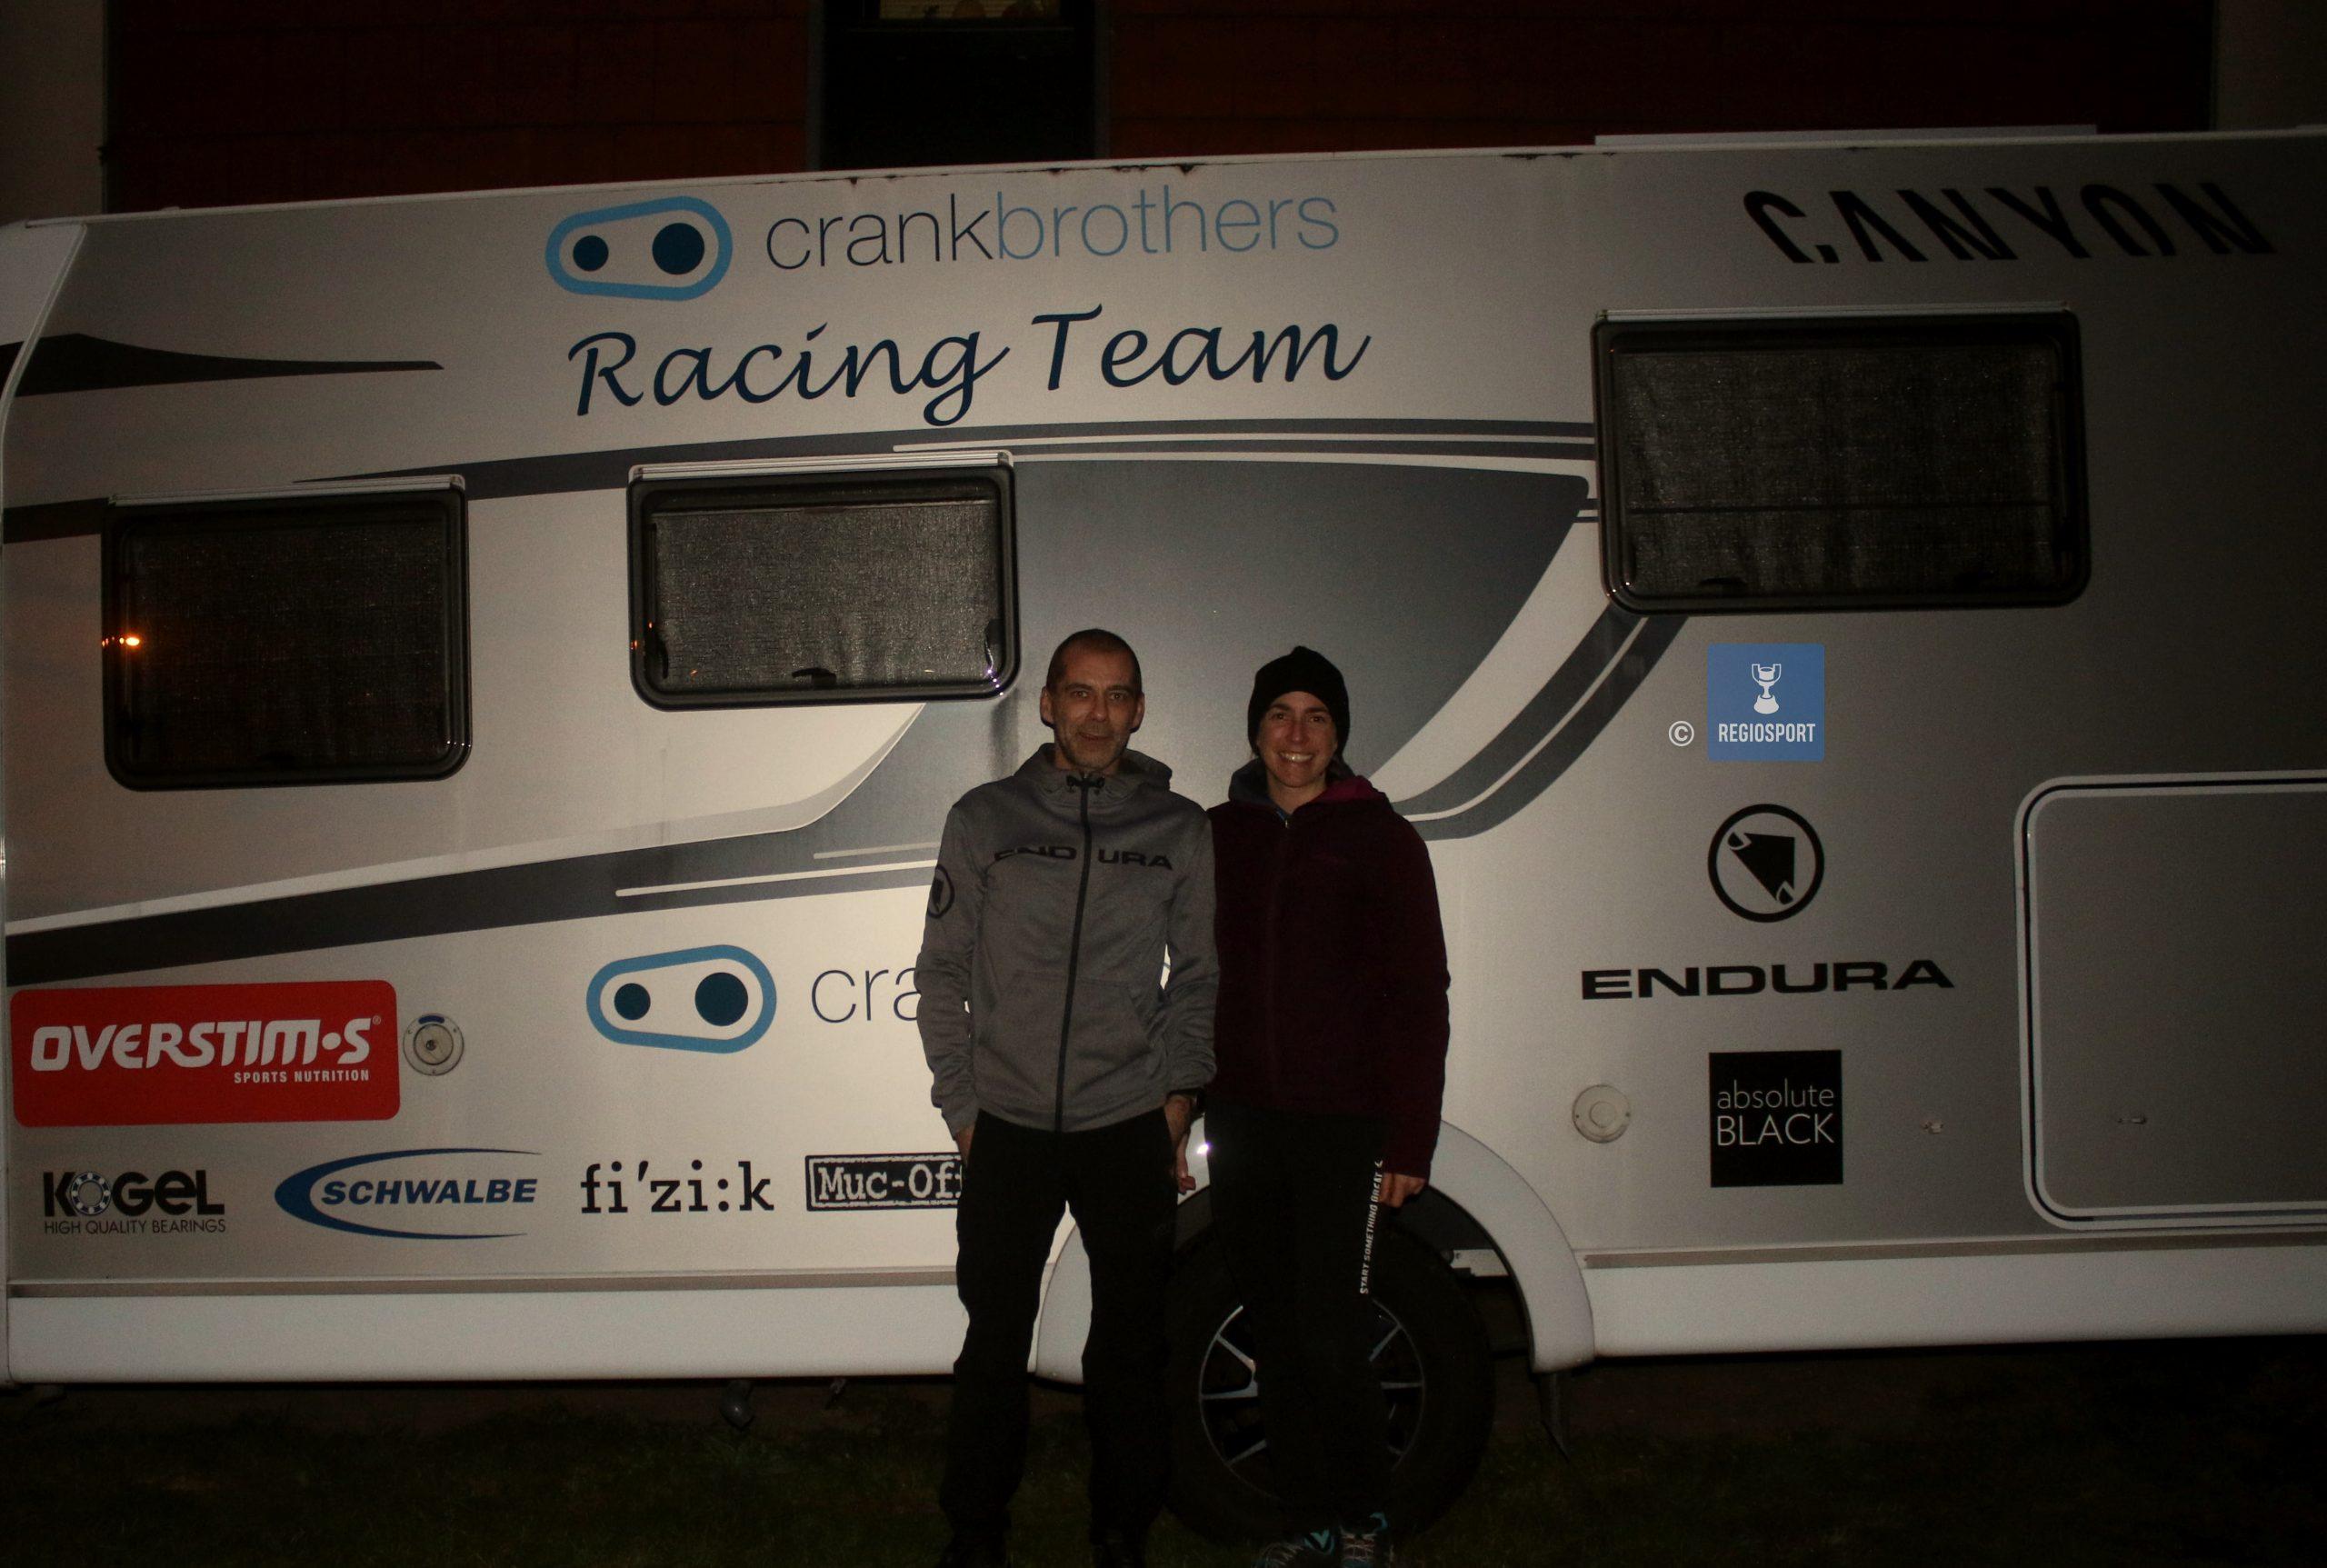 Het Crankbrothers Racing Team blijft trainen met het oog op betere tijden